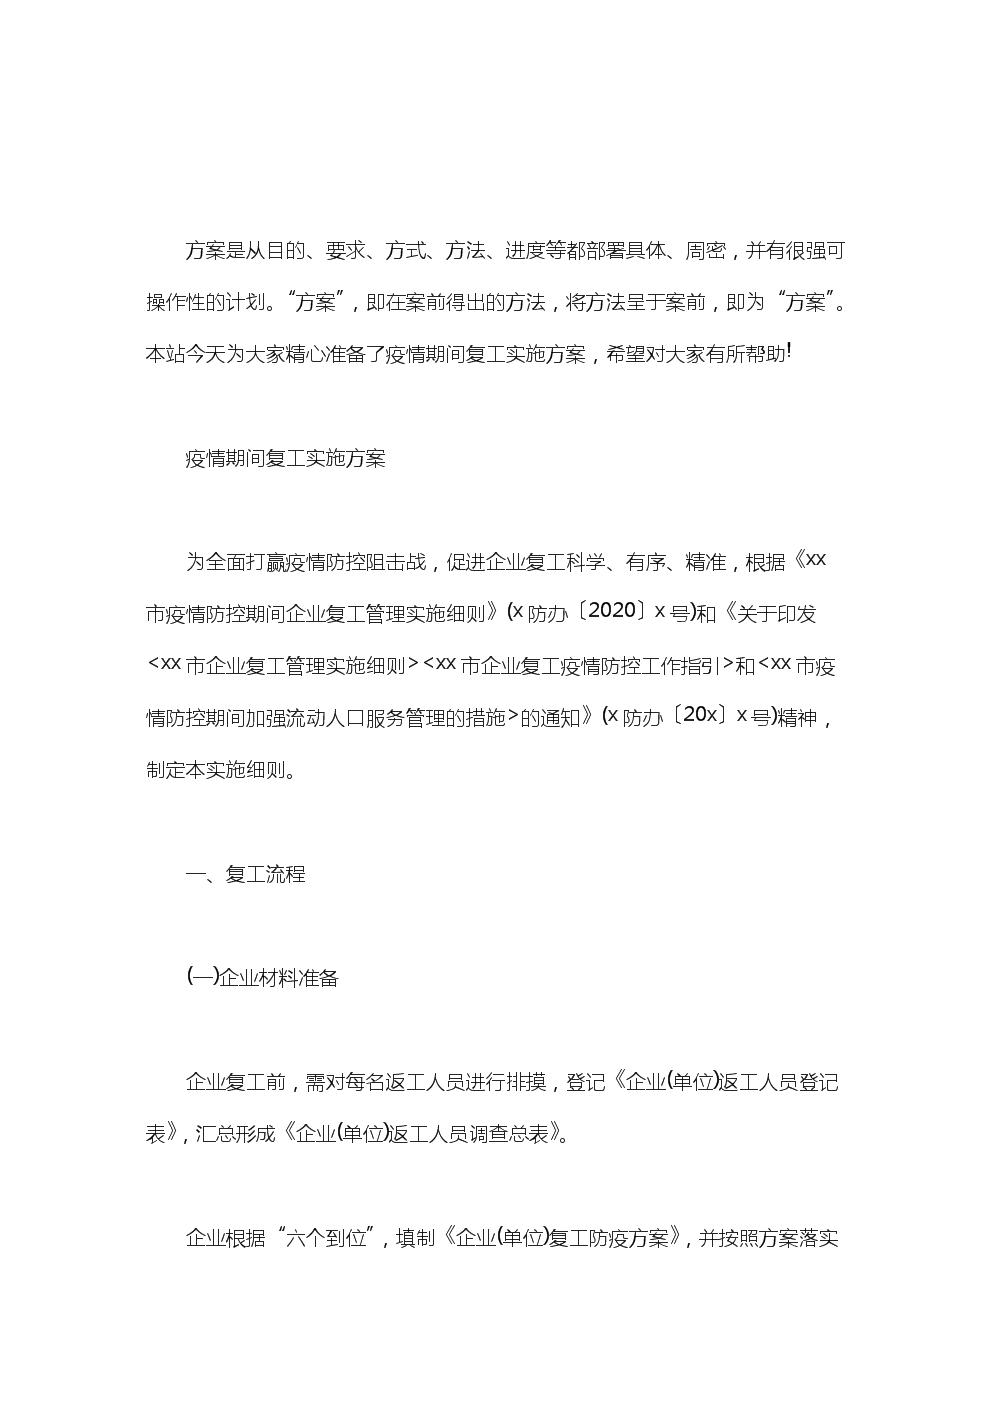 疫情期间复工实施方案.doc